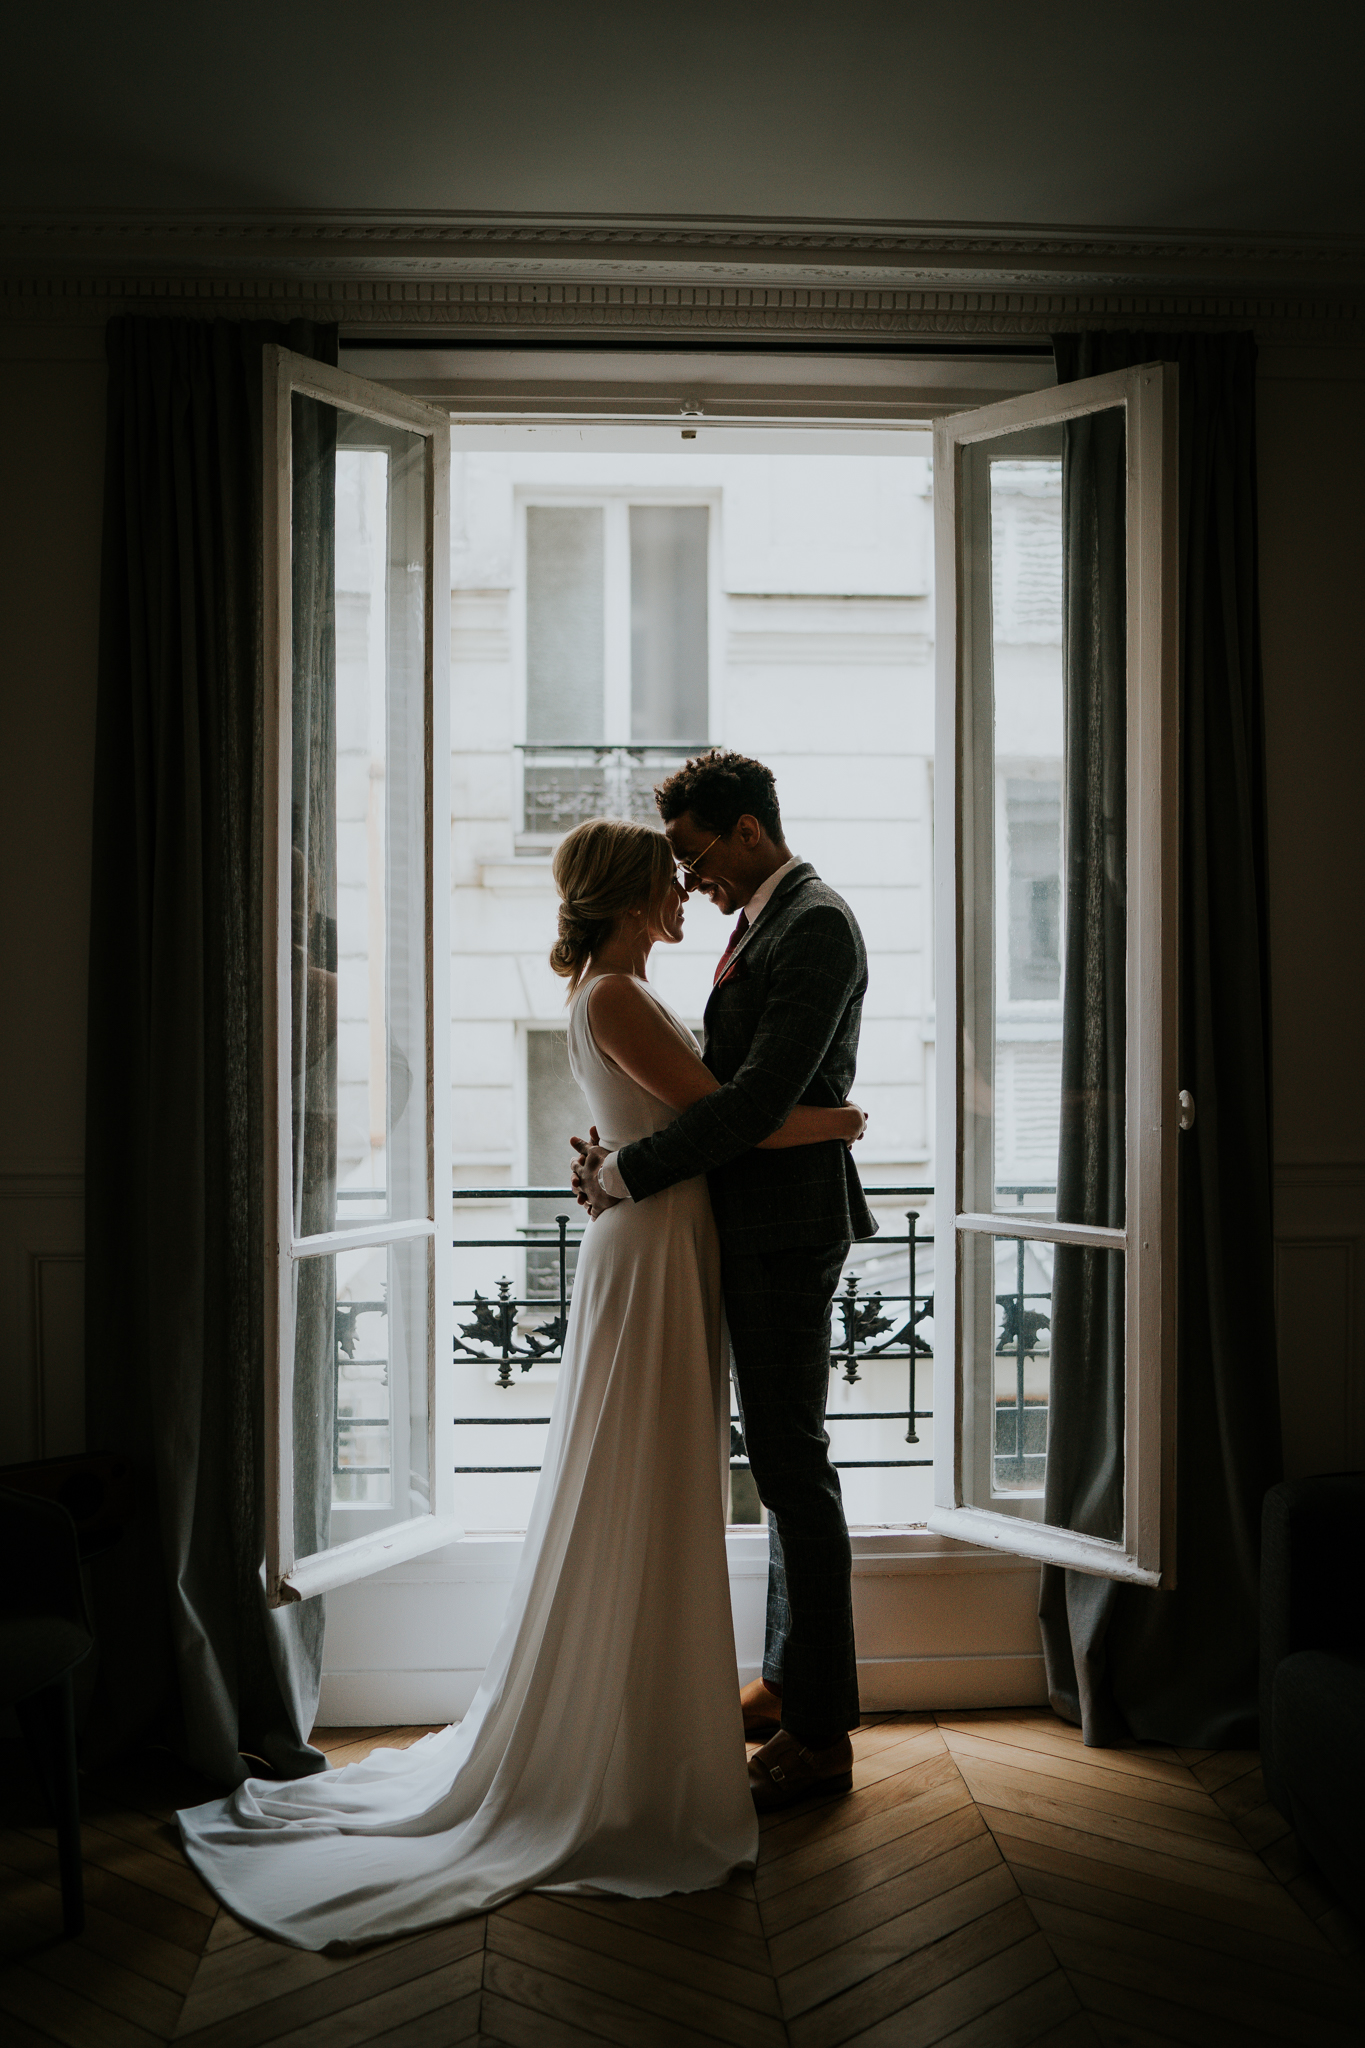 loire-valley-destination-wedding-photographer